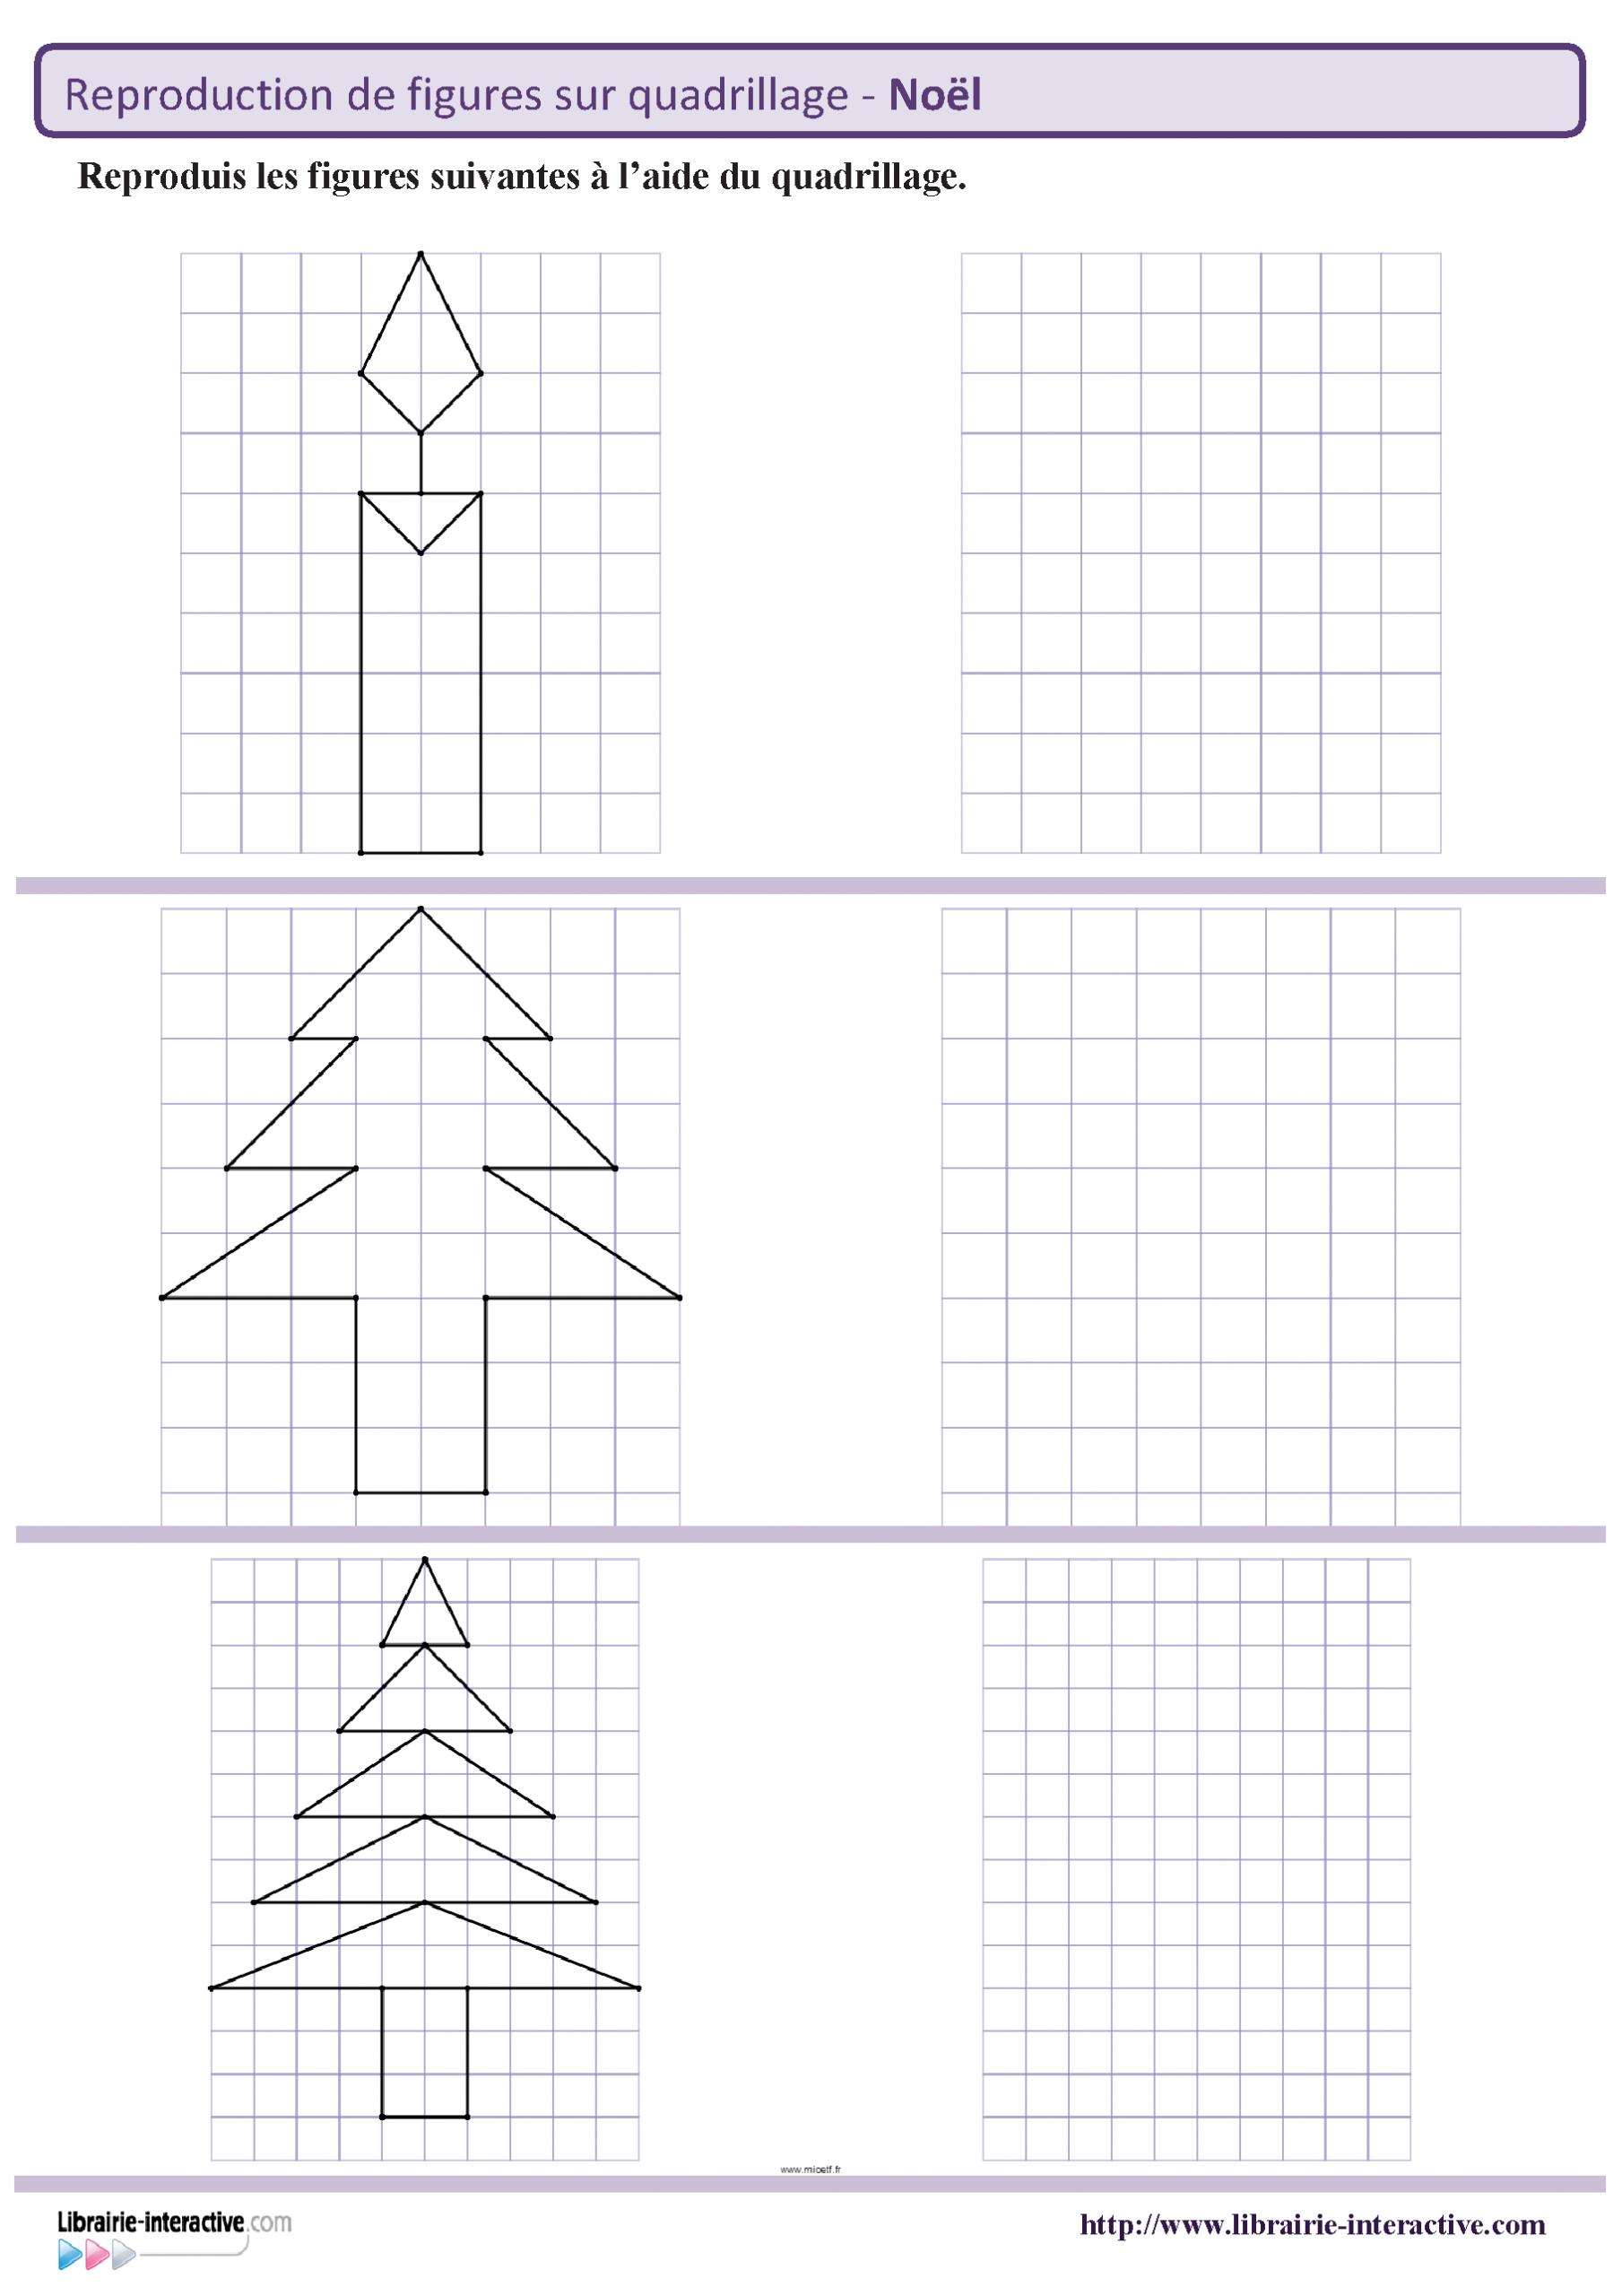 Des Figures Géométriques Sur Le Thème De Noël À Reproduire destiné Reproduction Sur Quadrillage Ce1